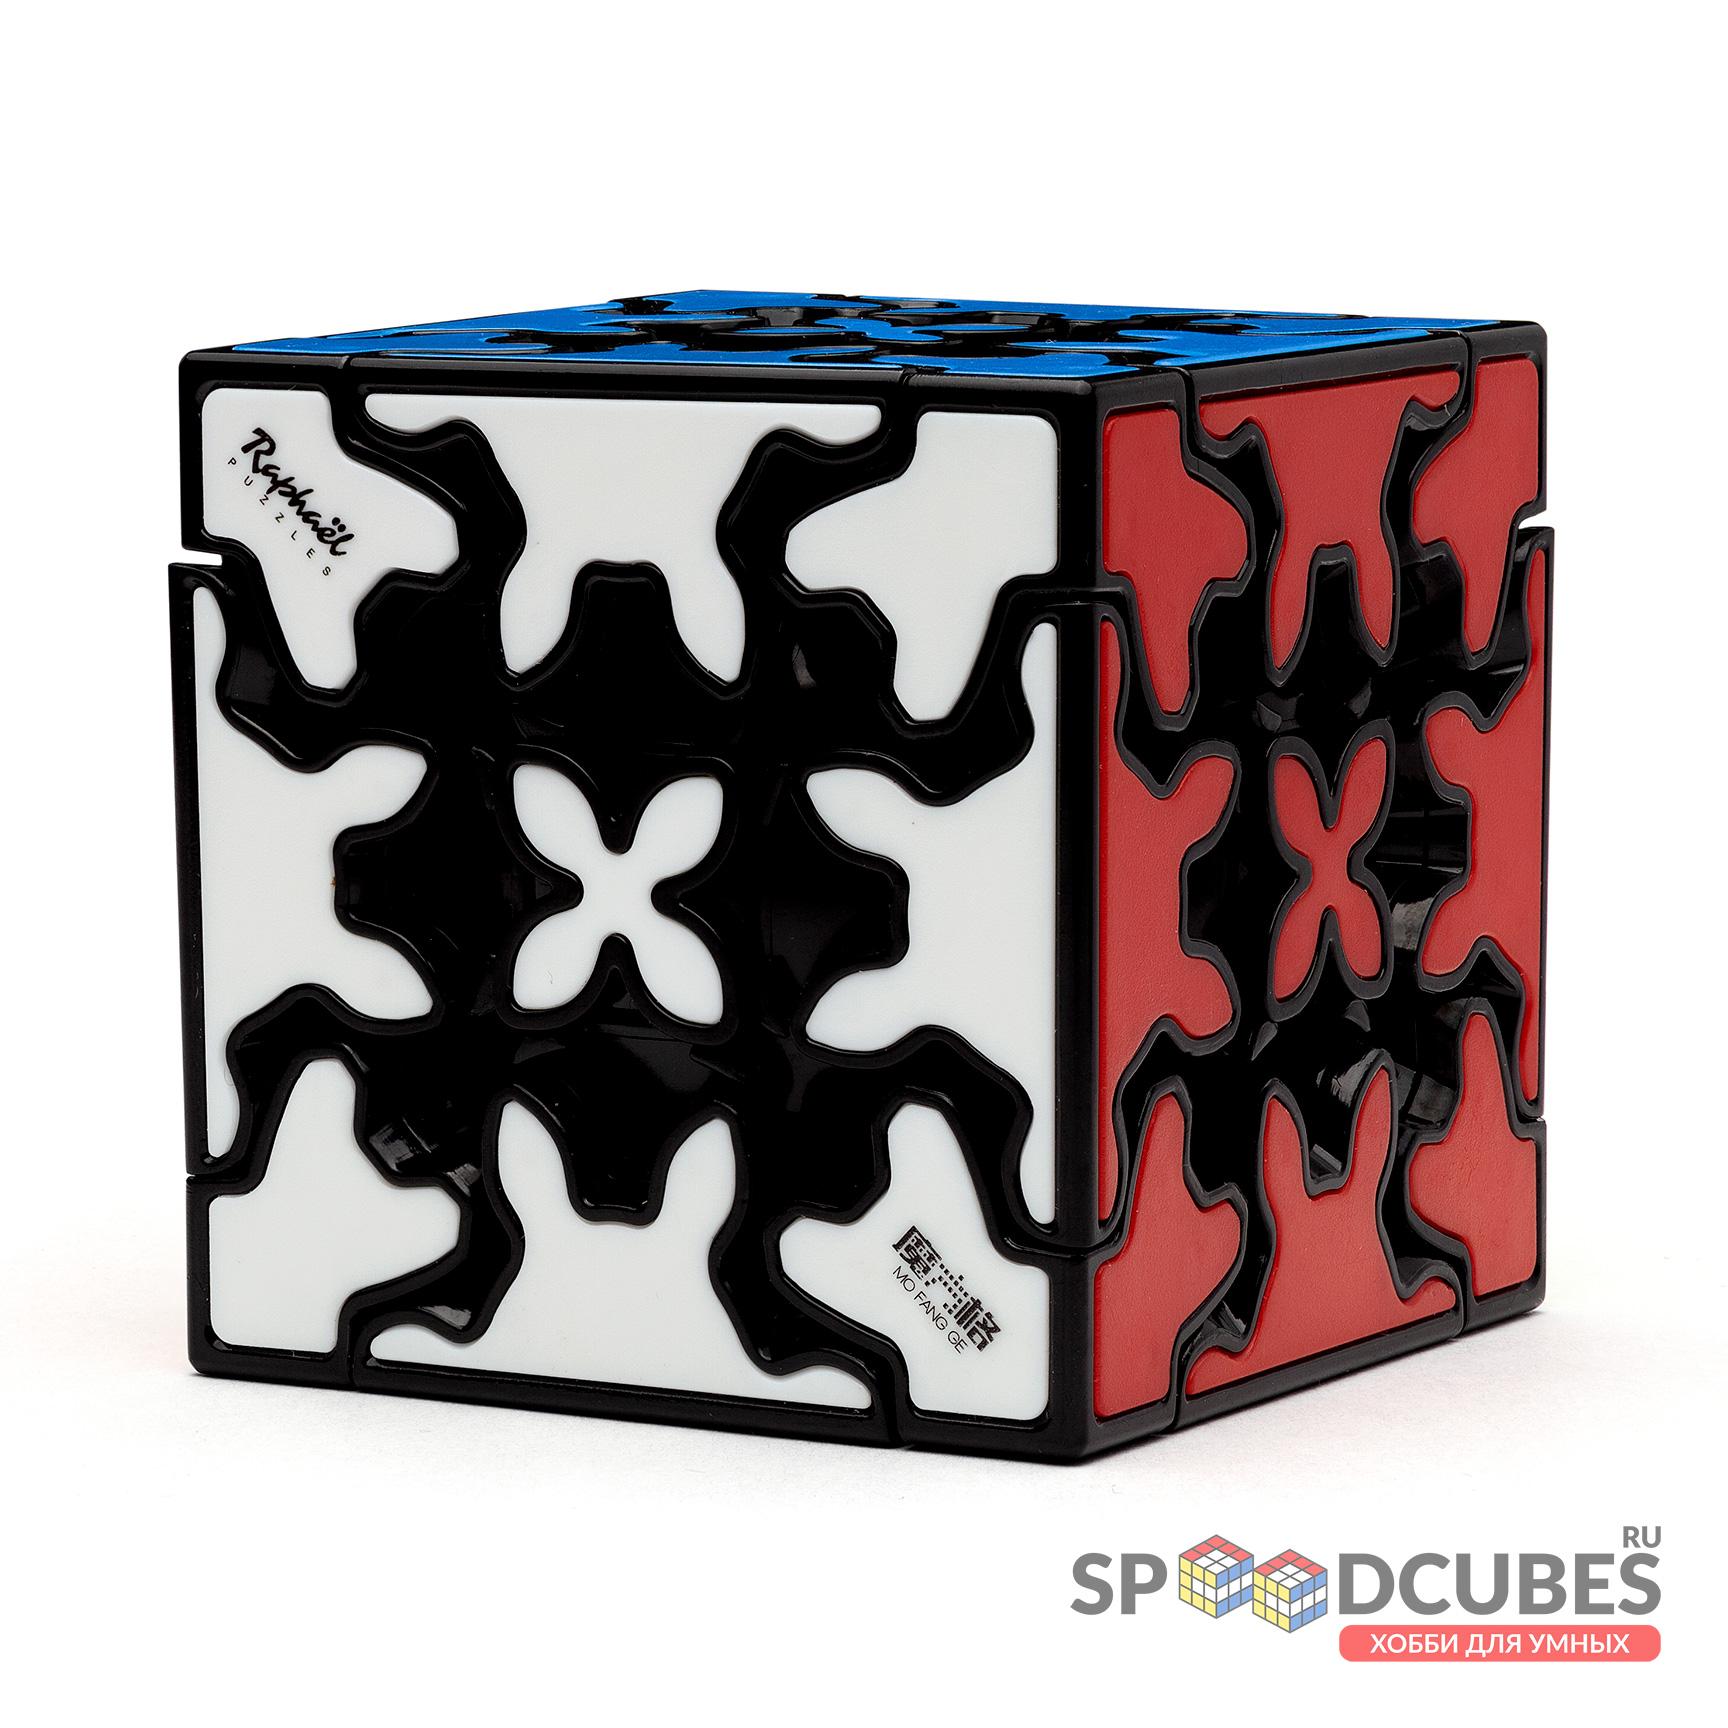 QiYi (MoFangGe) Gear 3x3 Cube (Tiled)